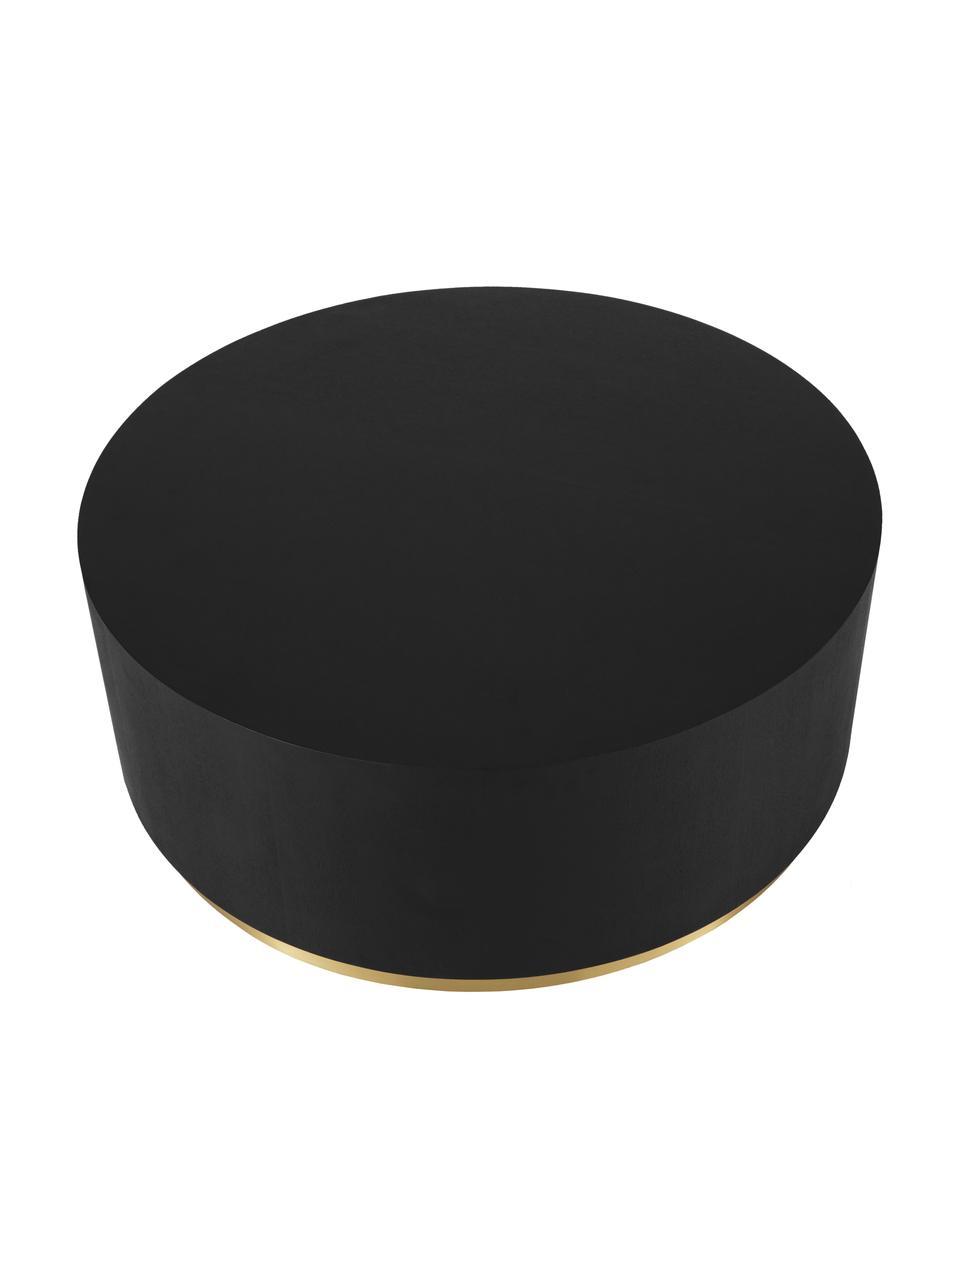 Grande table basse noire Clarice, Corps: bois de frêne, noir laqué Pied: couleur dorée